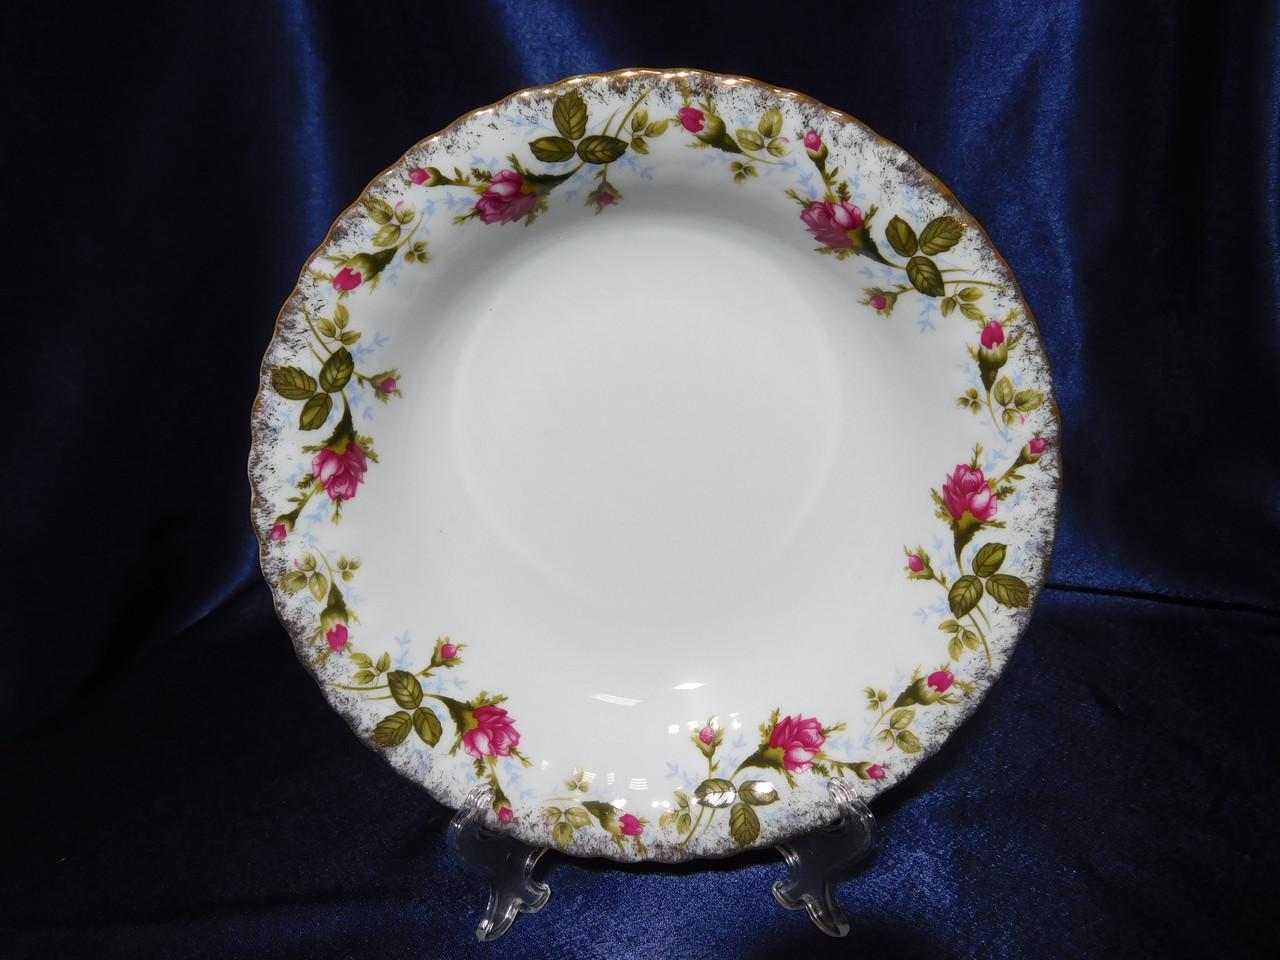 Набір супових тарілок Chodziez Ivona 0013 22.5 см 6 штук (3870)